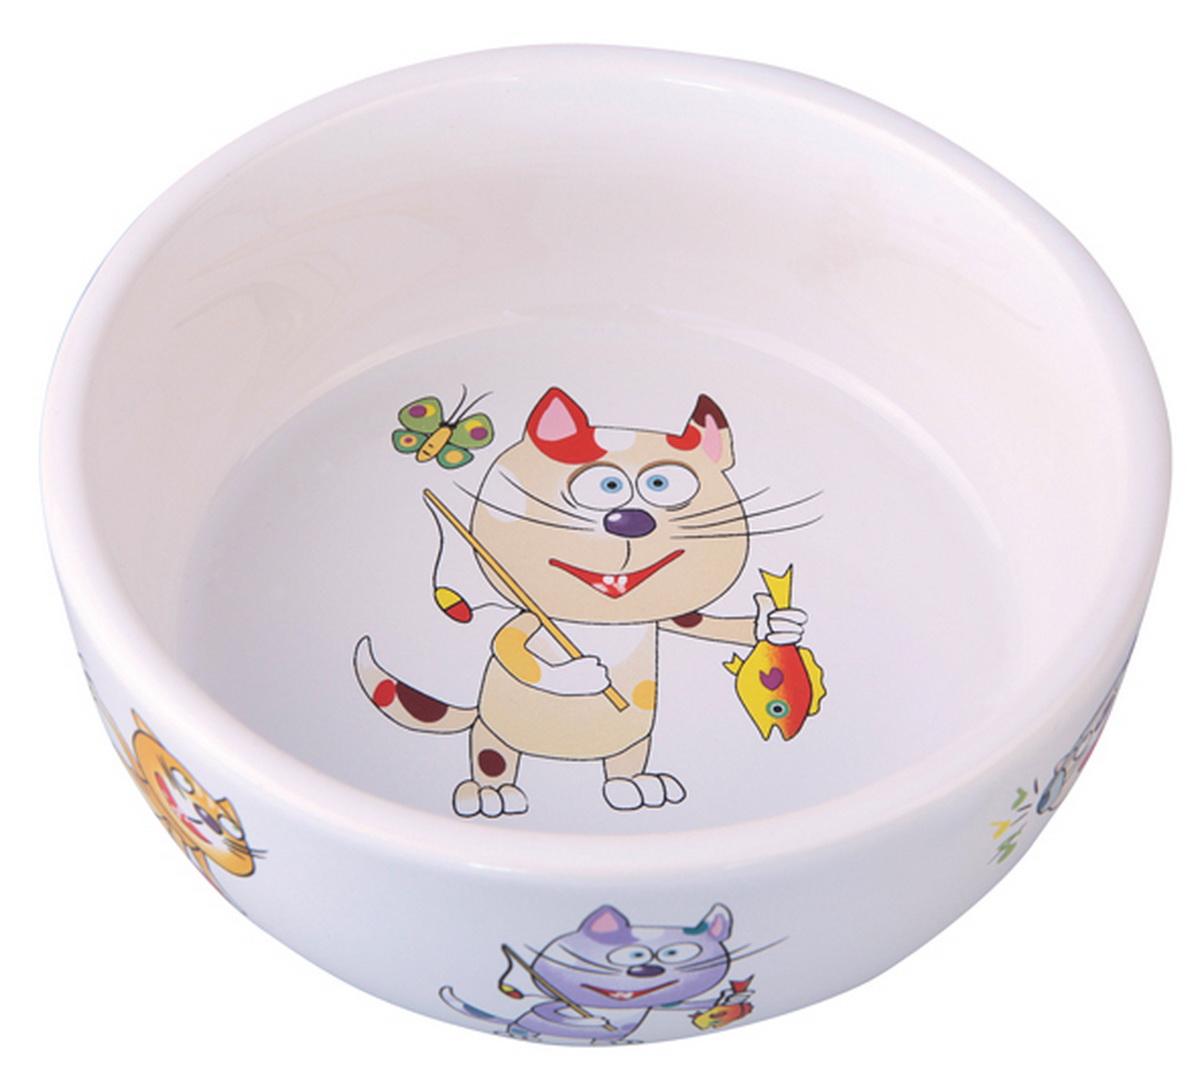 Миска для кошек Dezzie Улов, 300 мл5637006Керамическая миска привлекает внимание покупателей блестящей гладкой поверхностью и интересным рисунком.